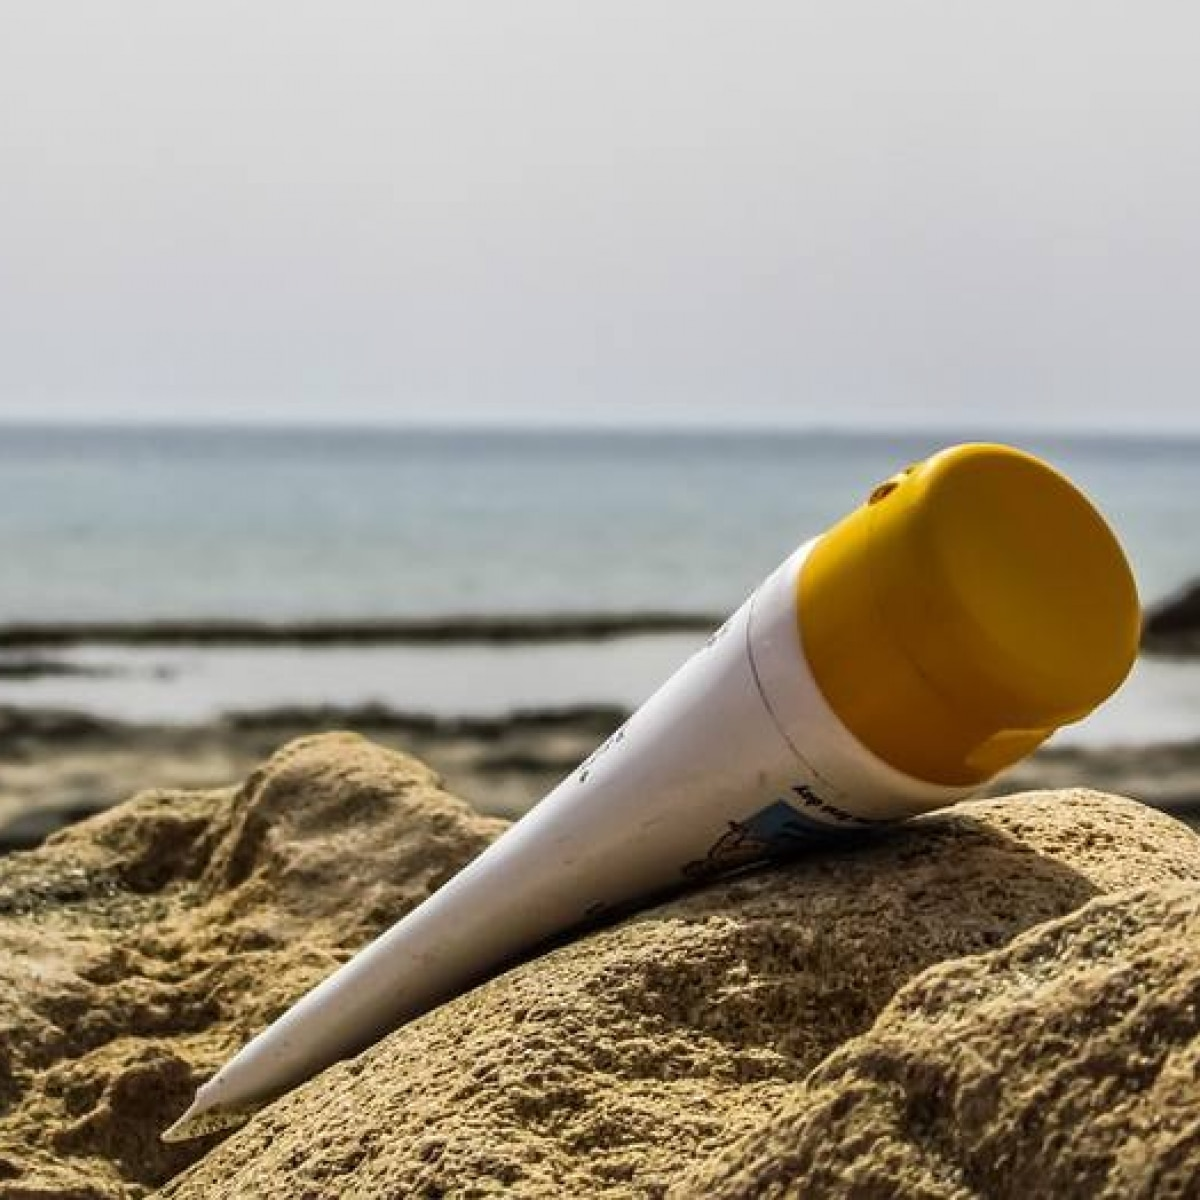 Cinco marcas de protetor solar não passam em teste de qualidade - Emais -  Estadão af565148b0